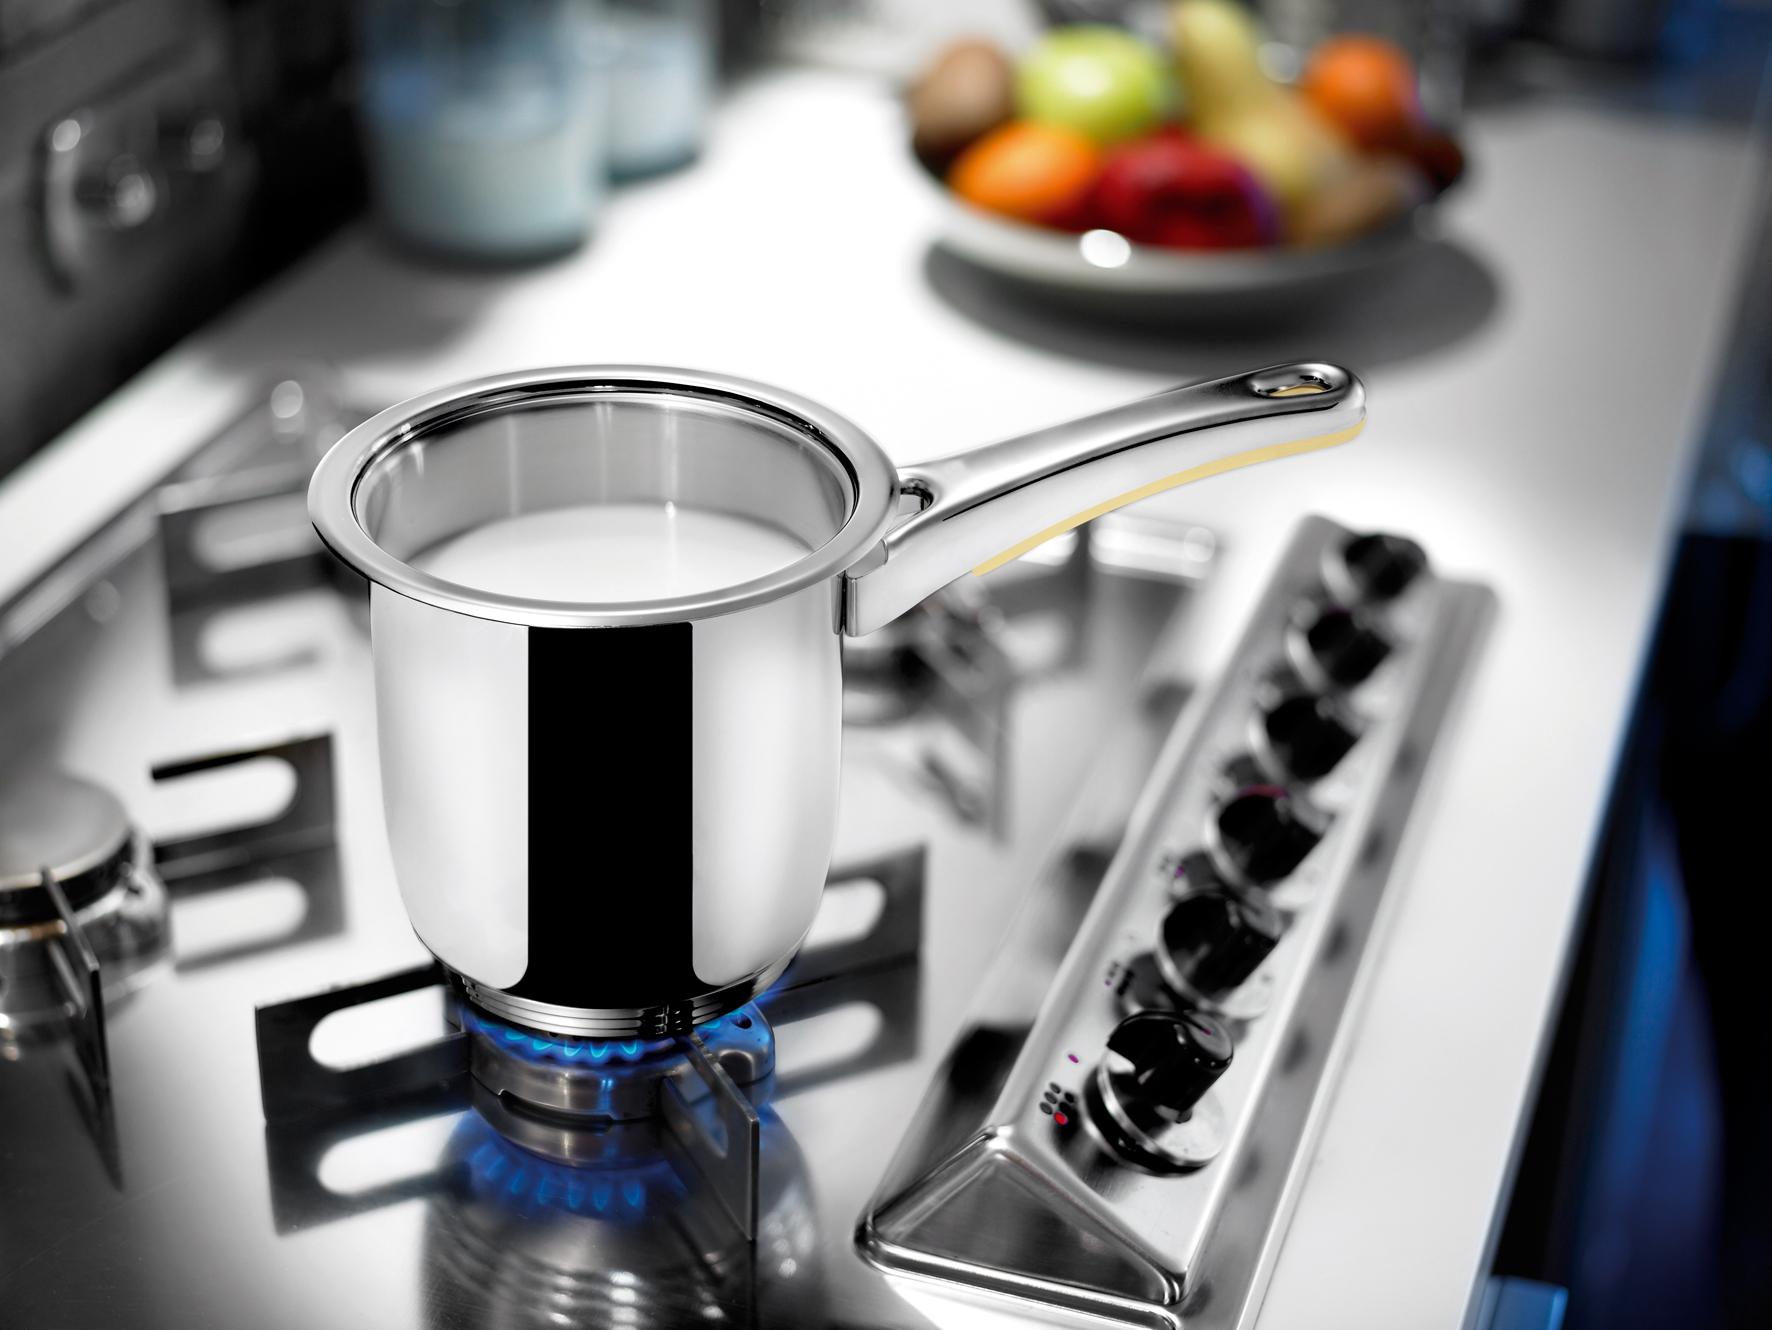 Mléko a pudink se nám při vaření nebudou připalovat, když hrnec nejdříve vymažeme máslem.